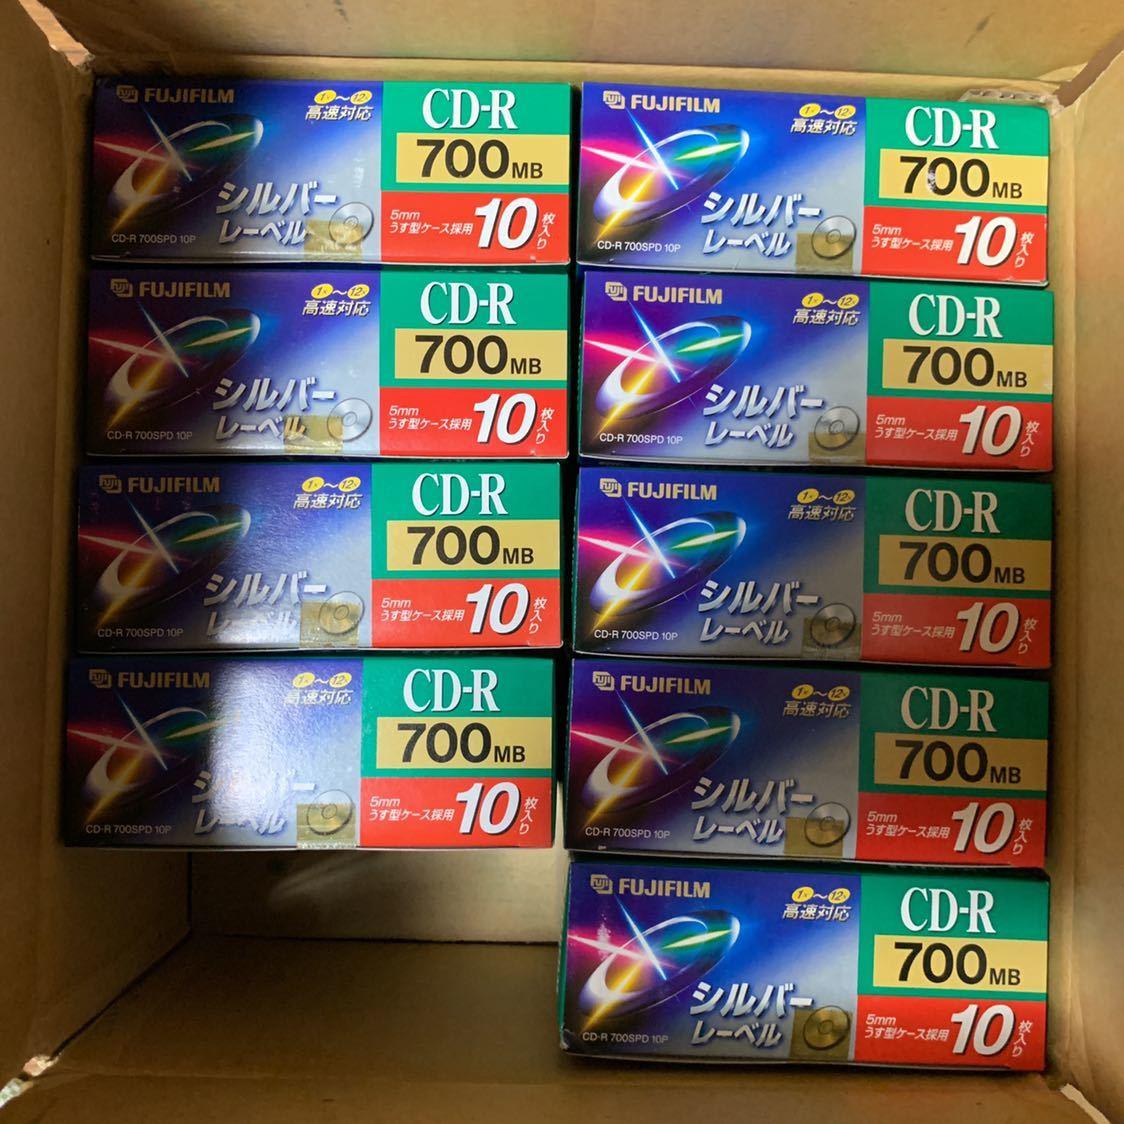 【未使用】FUJIFILM 富士フイルム CD-R 700SPD 10P 700MB シルバーレーベル 10パック入り×2箱 9パック入り×1箱 全29パックセット_画像10